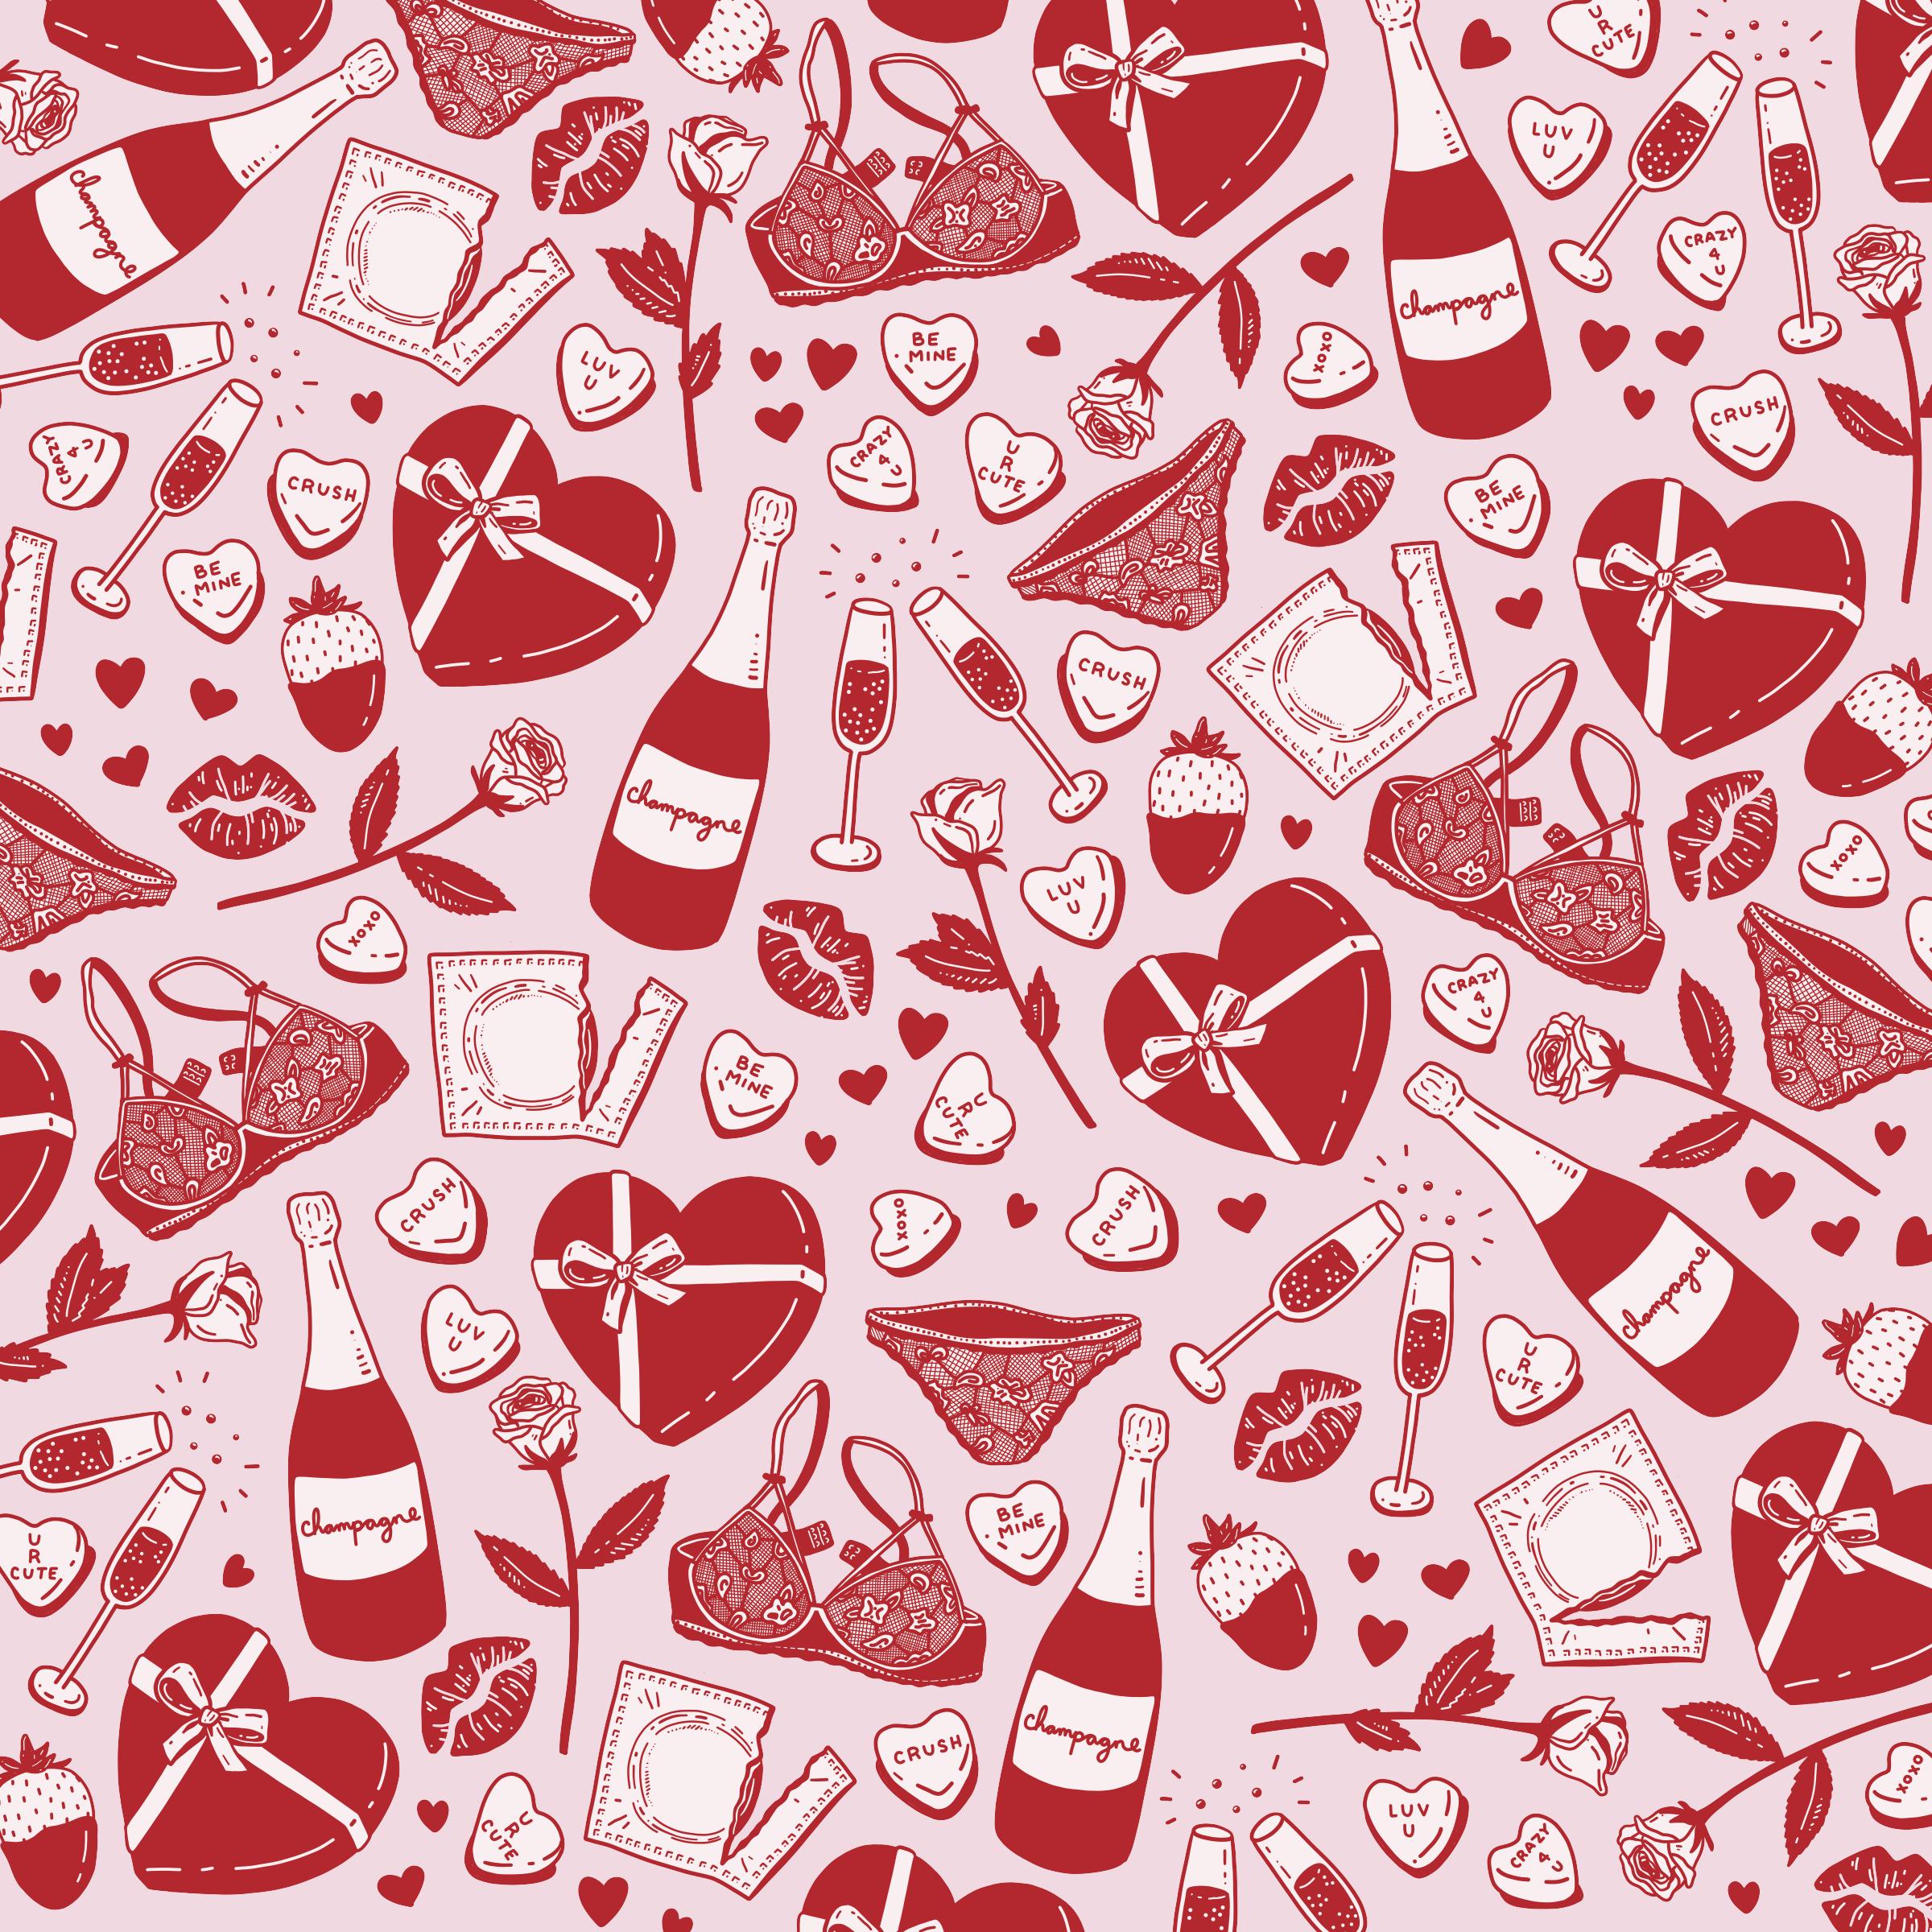 schmidts_valentines copy.jpg